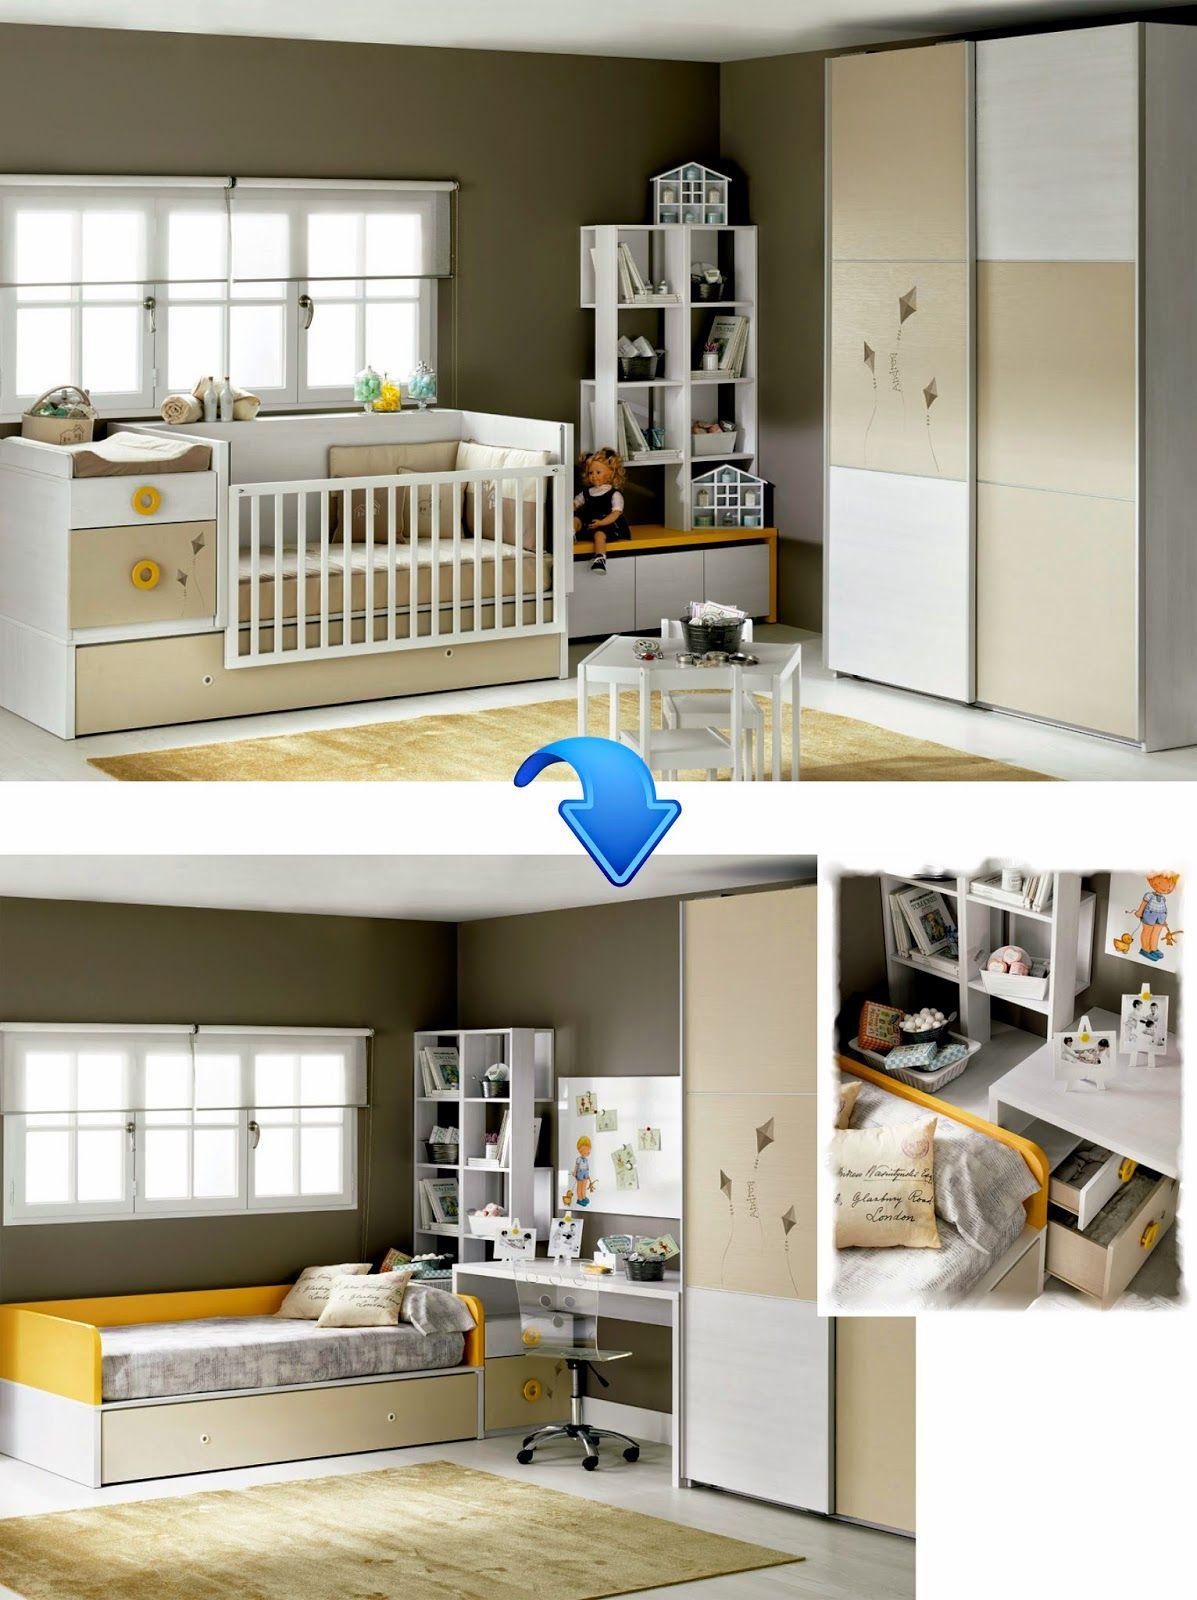 Cuna convertible con cama nido de muebles m2 camacuna for Muebles convertibles en cama